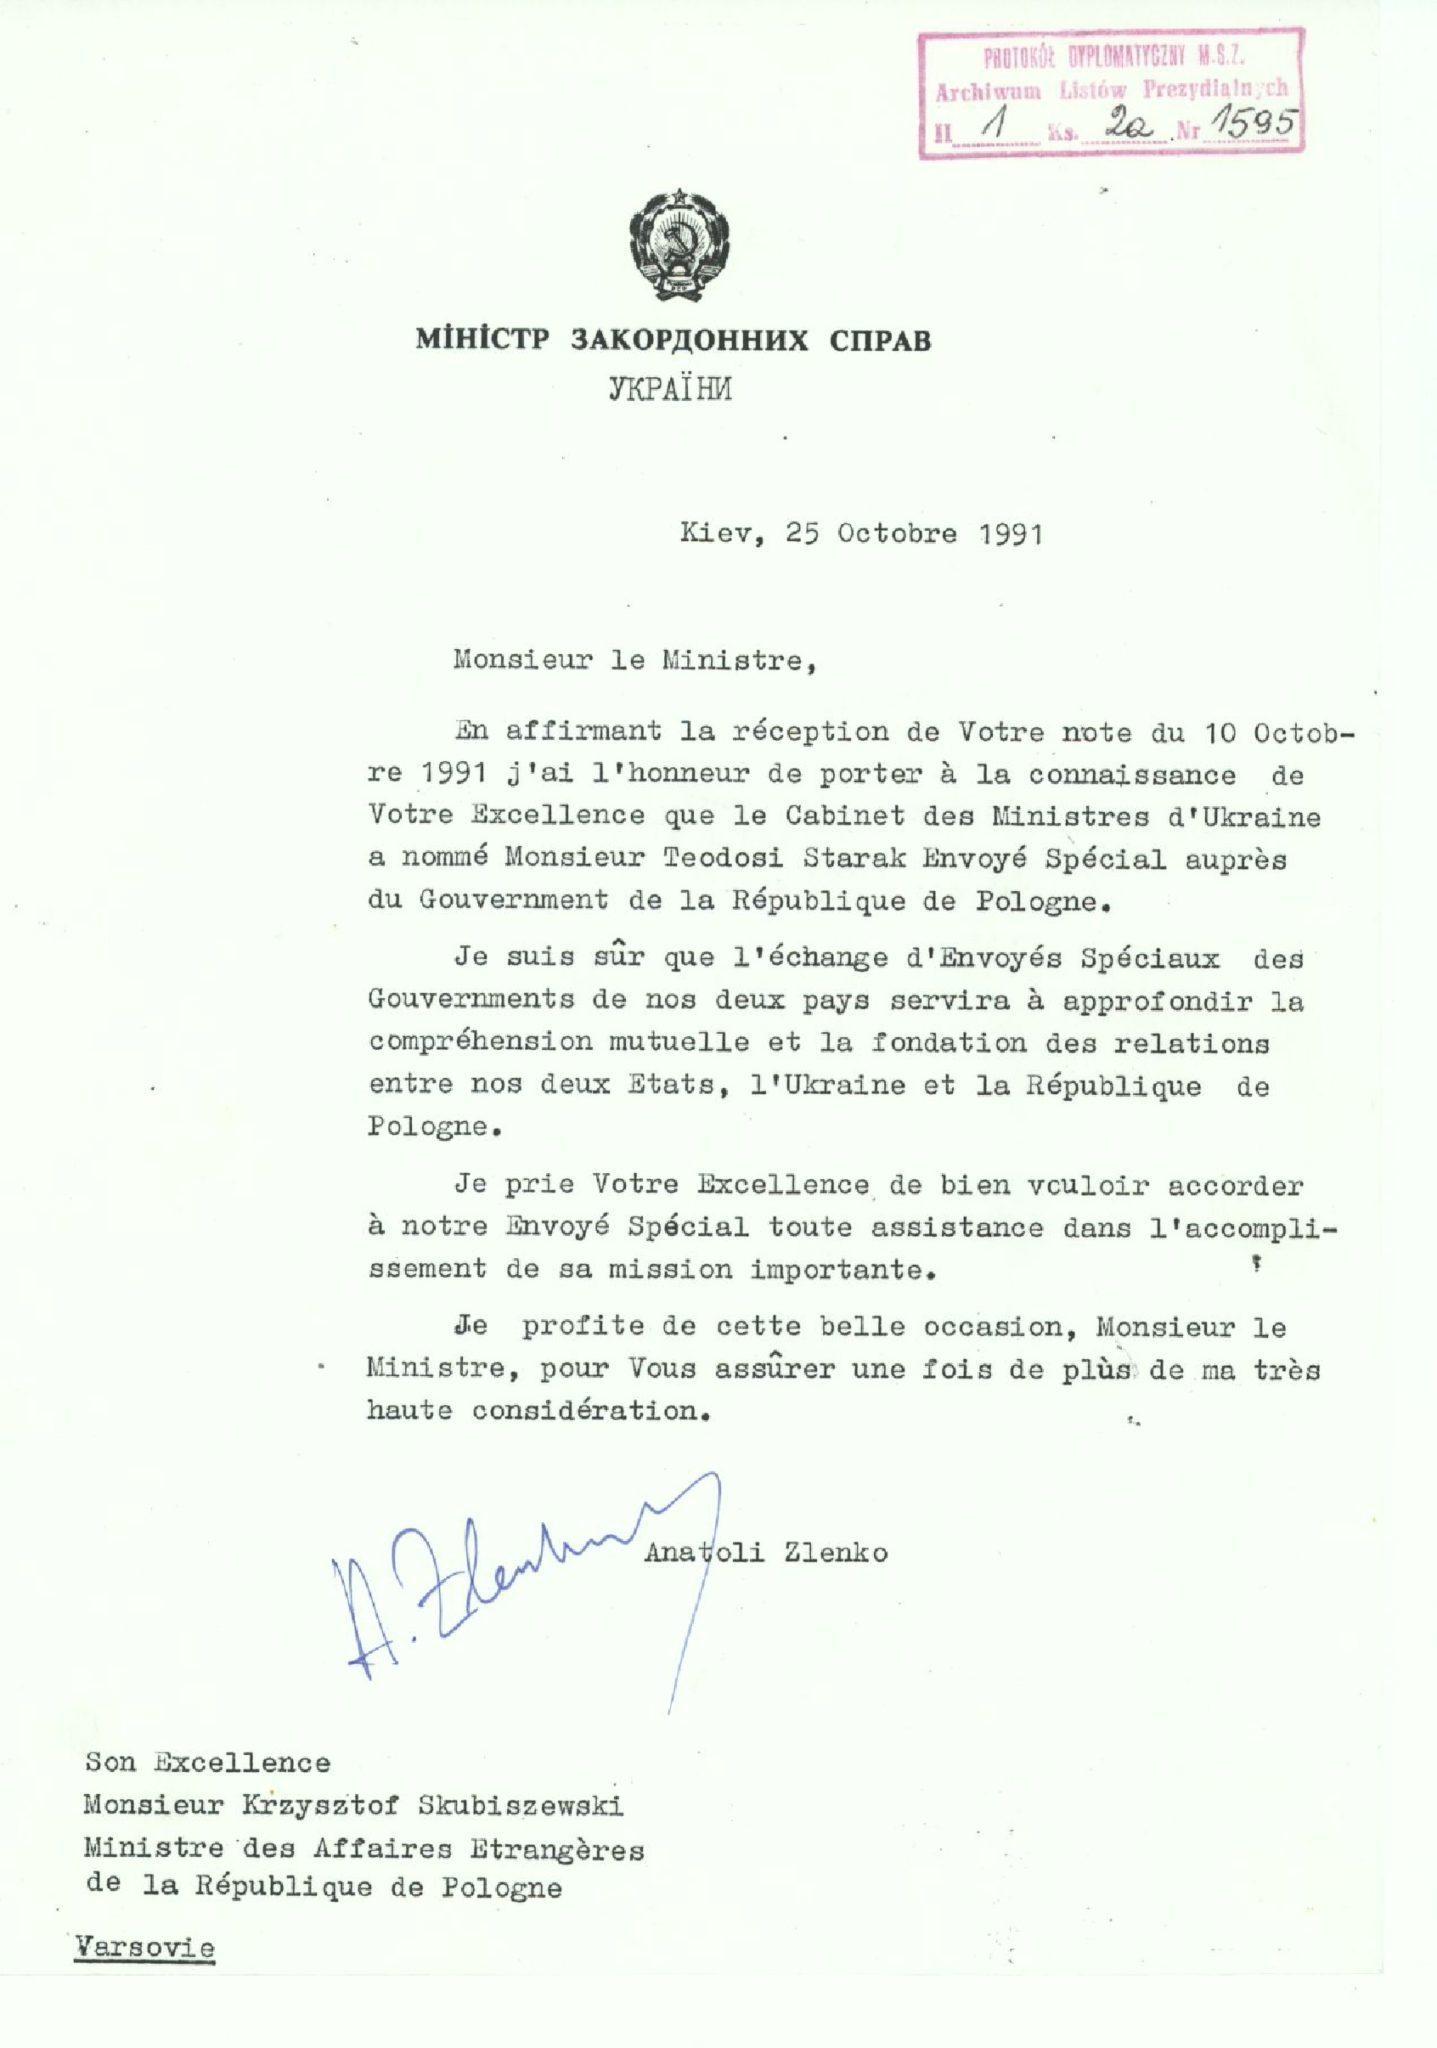 Дипломатична нота МЗС України з інформацією про призначення українським урядом Теодозія Старака Спеціальним посланником, 25 жовтня 1991